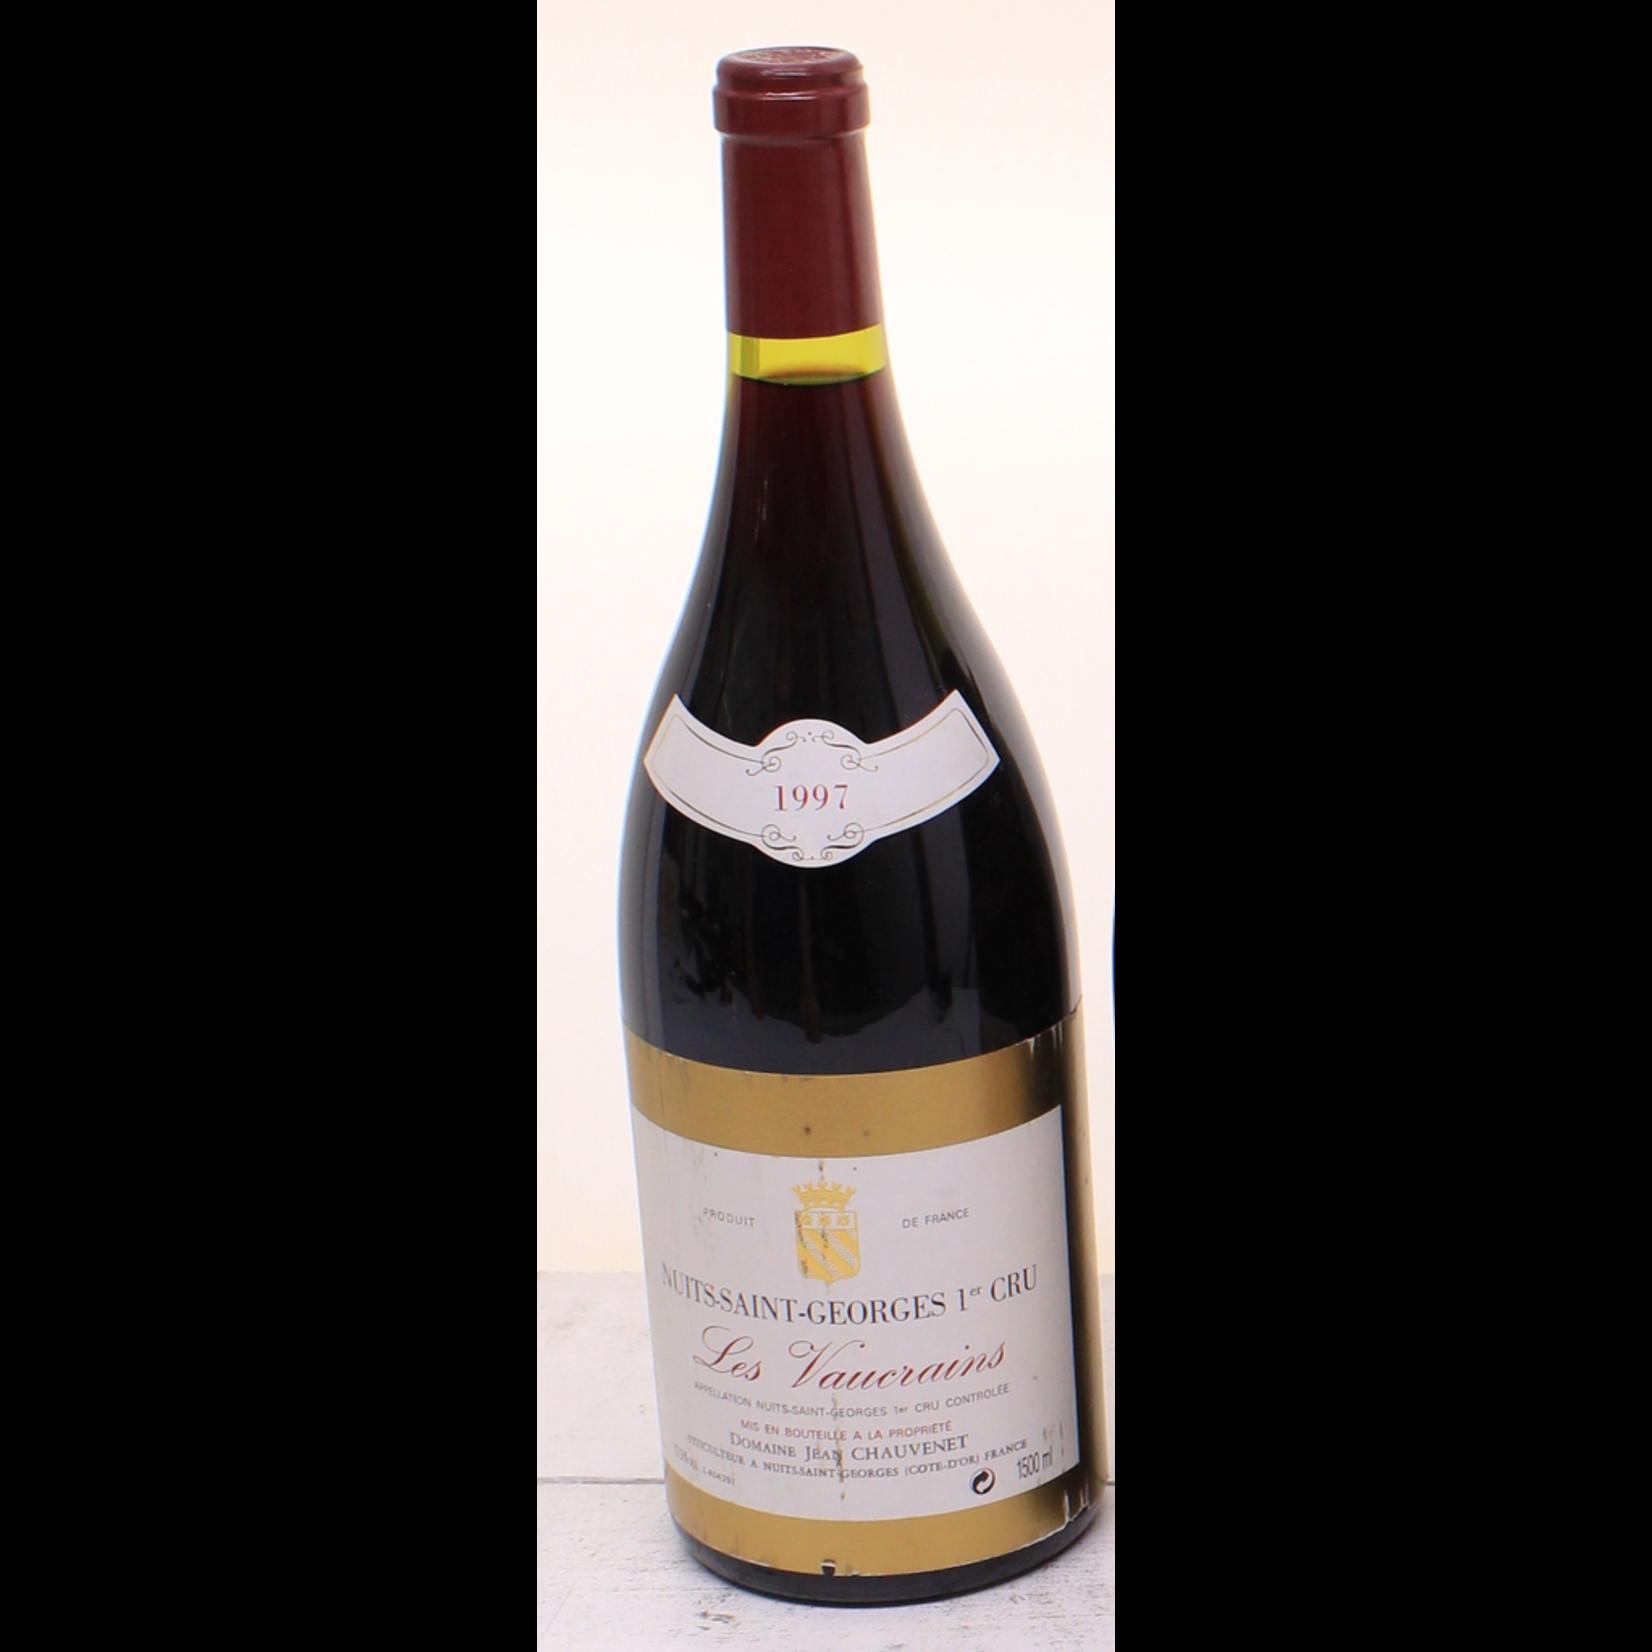 Wine Chauvenet Nuits St Georges Les Vaucrains Premier cru 1997 1.5L